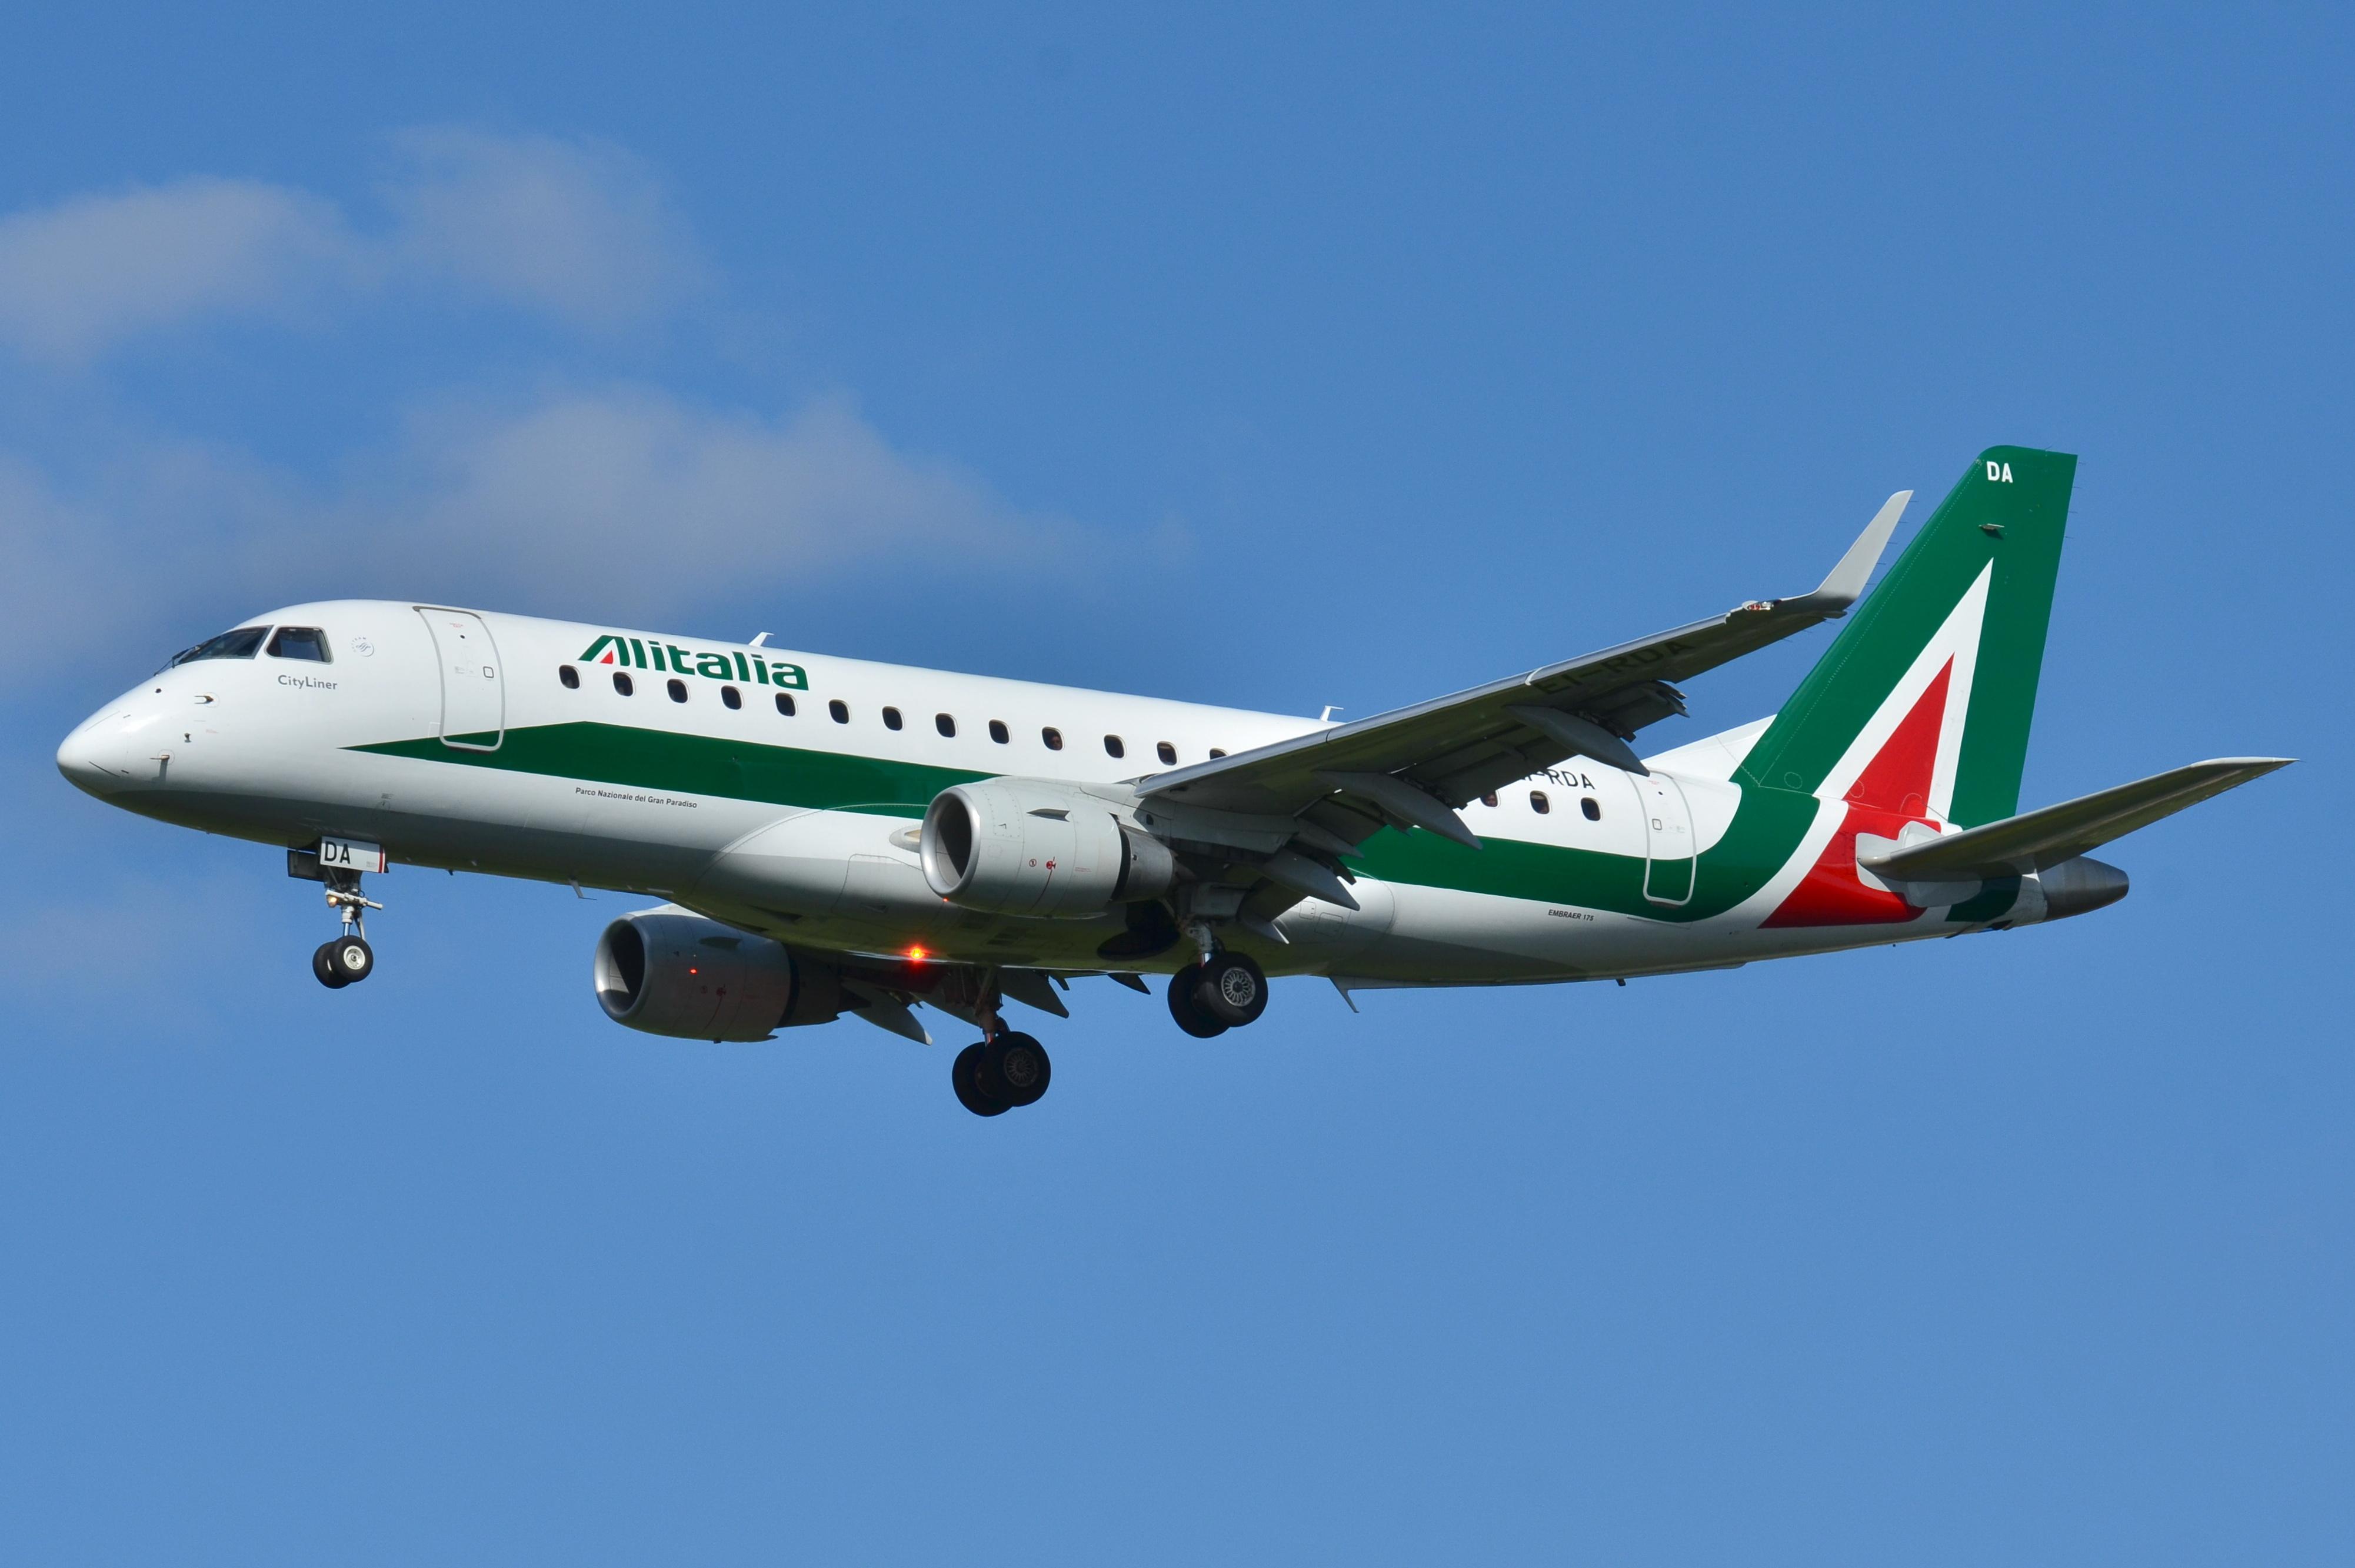 Alitalia, valutazione positiva per l'offerta Fs